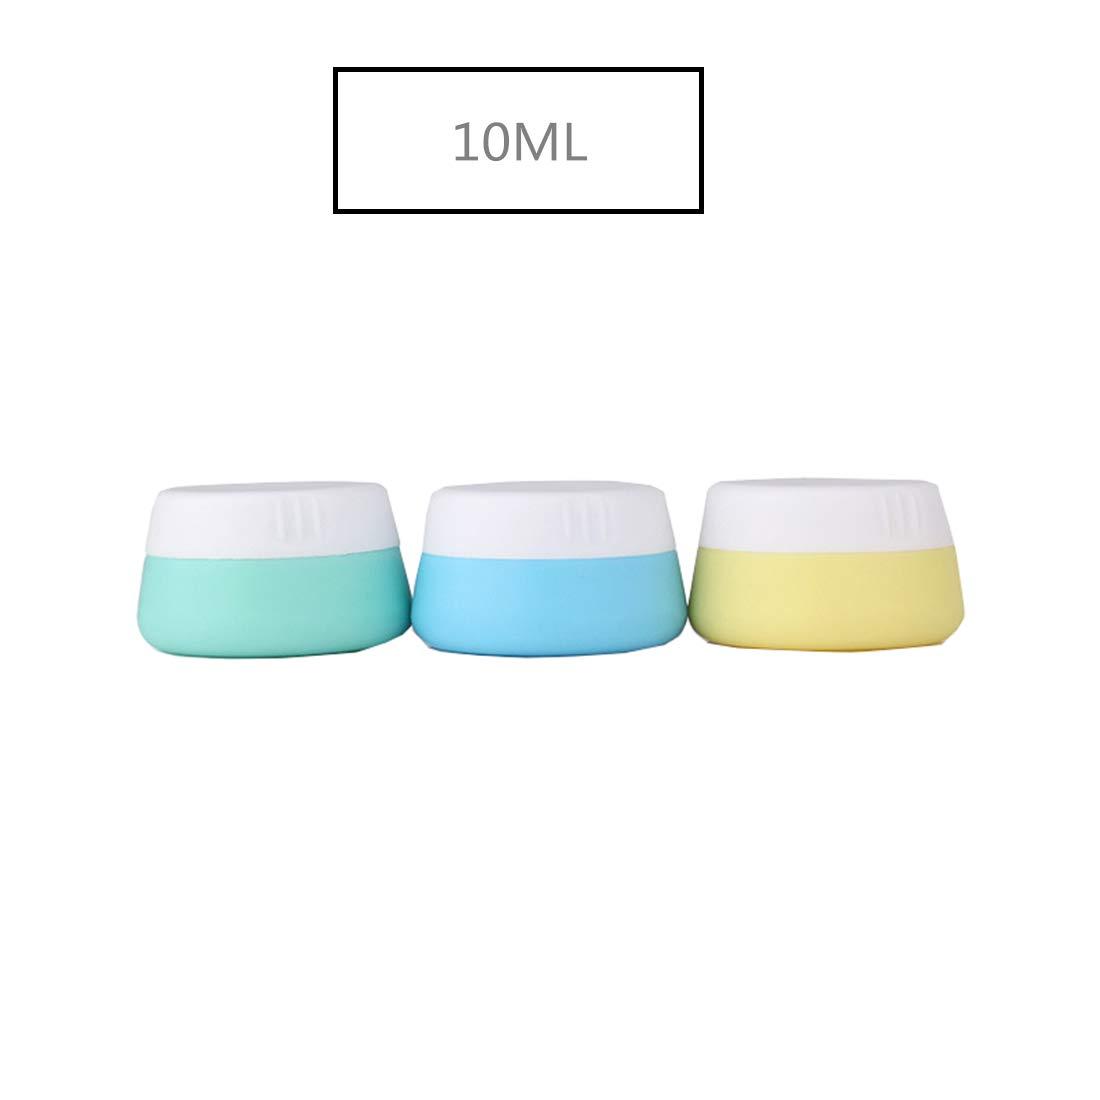 Holzsammlung 3 Pezzi Vaso da Crema di Silicone da 20 ml Portatile Contenitori Cosmetici da Viaggio Vasetti Barattolo Set con Coperchio - per Shampoo, Condizionatore, Lozione, Prodotti da Toeletta